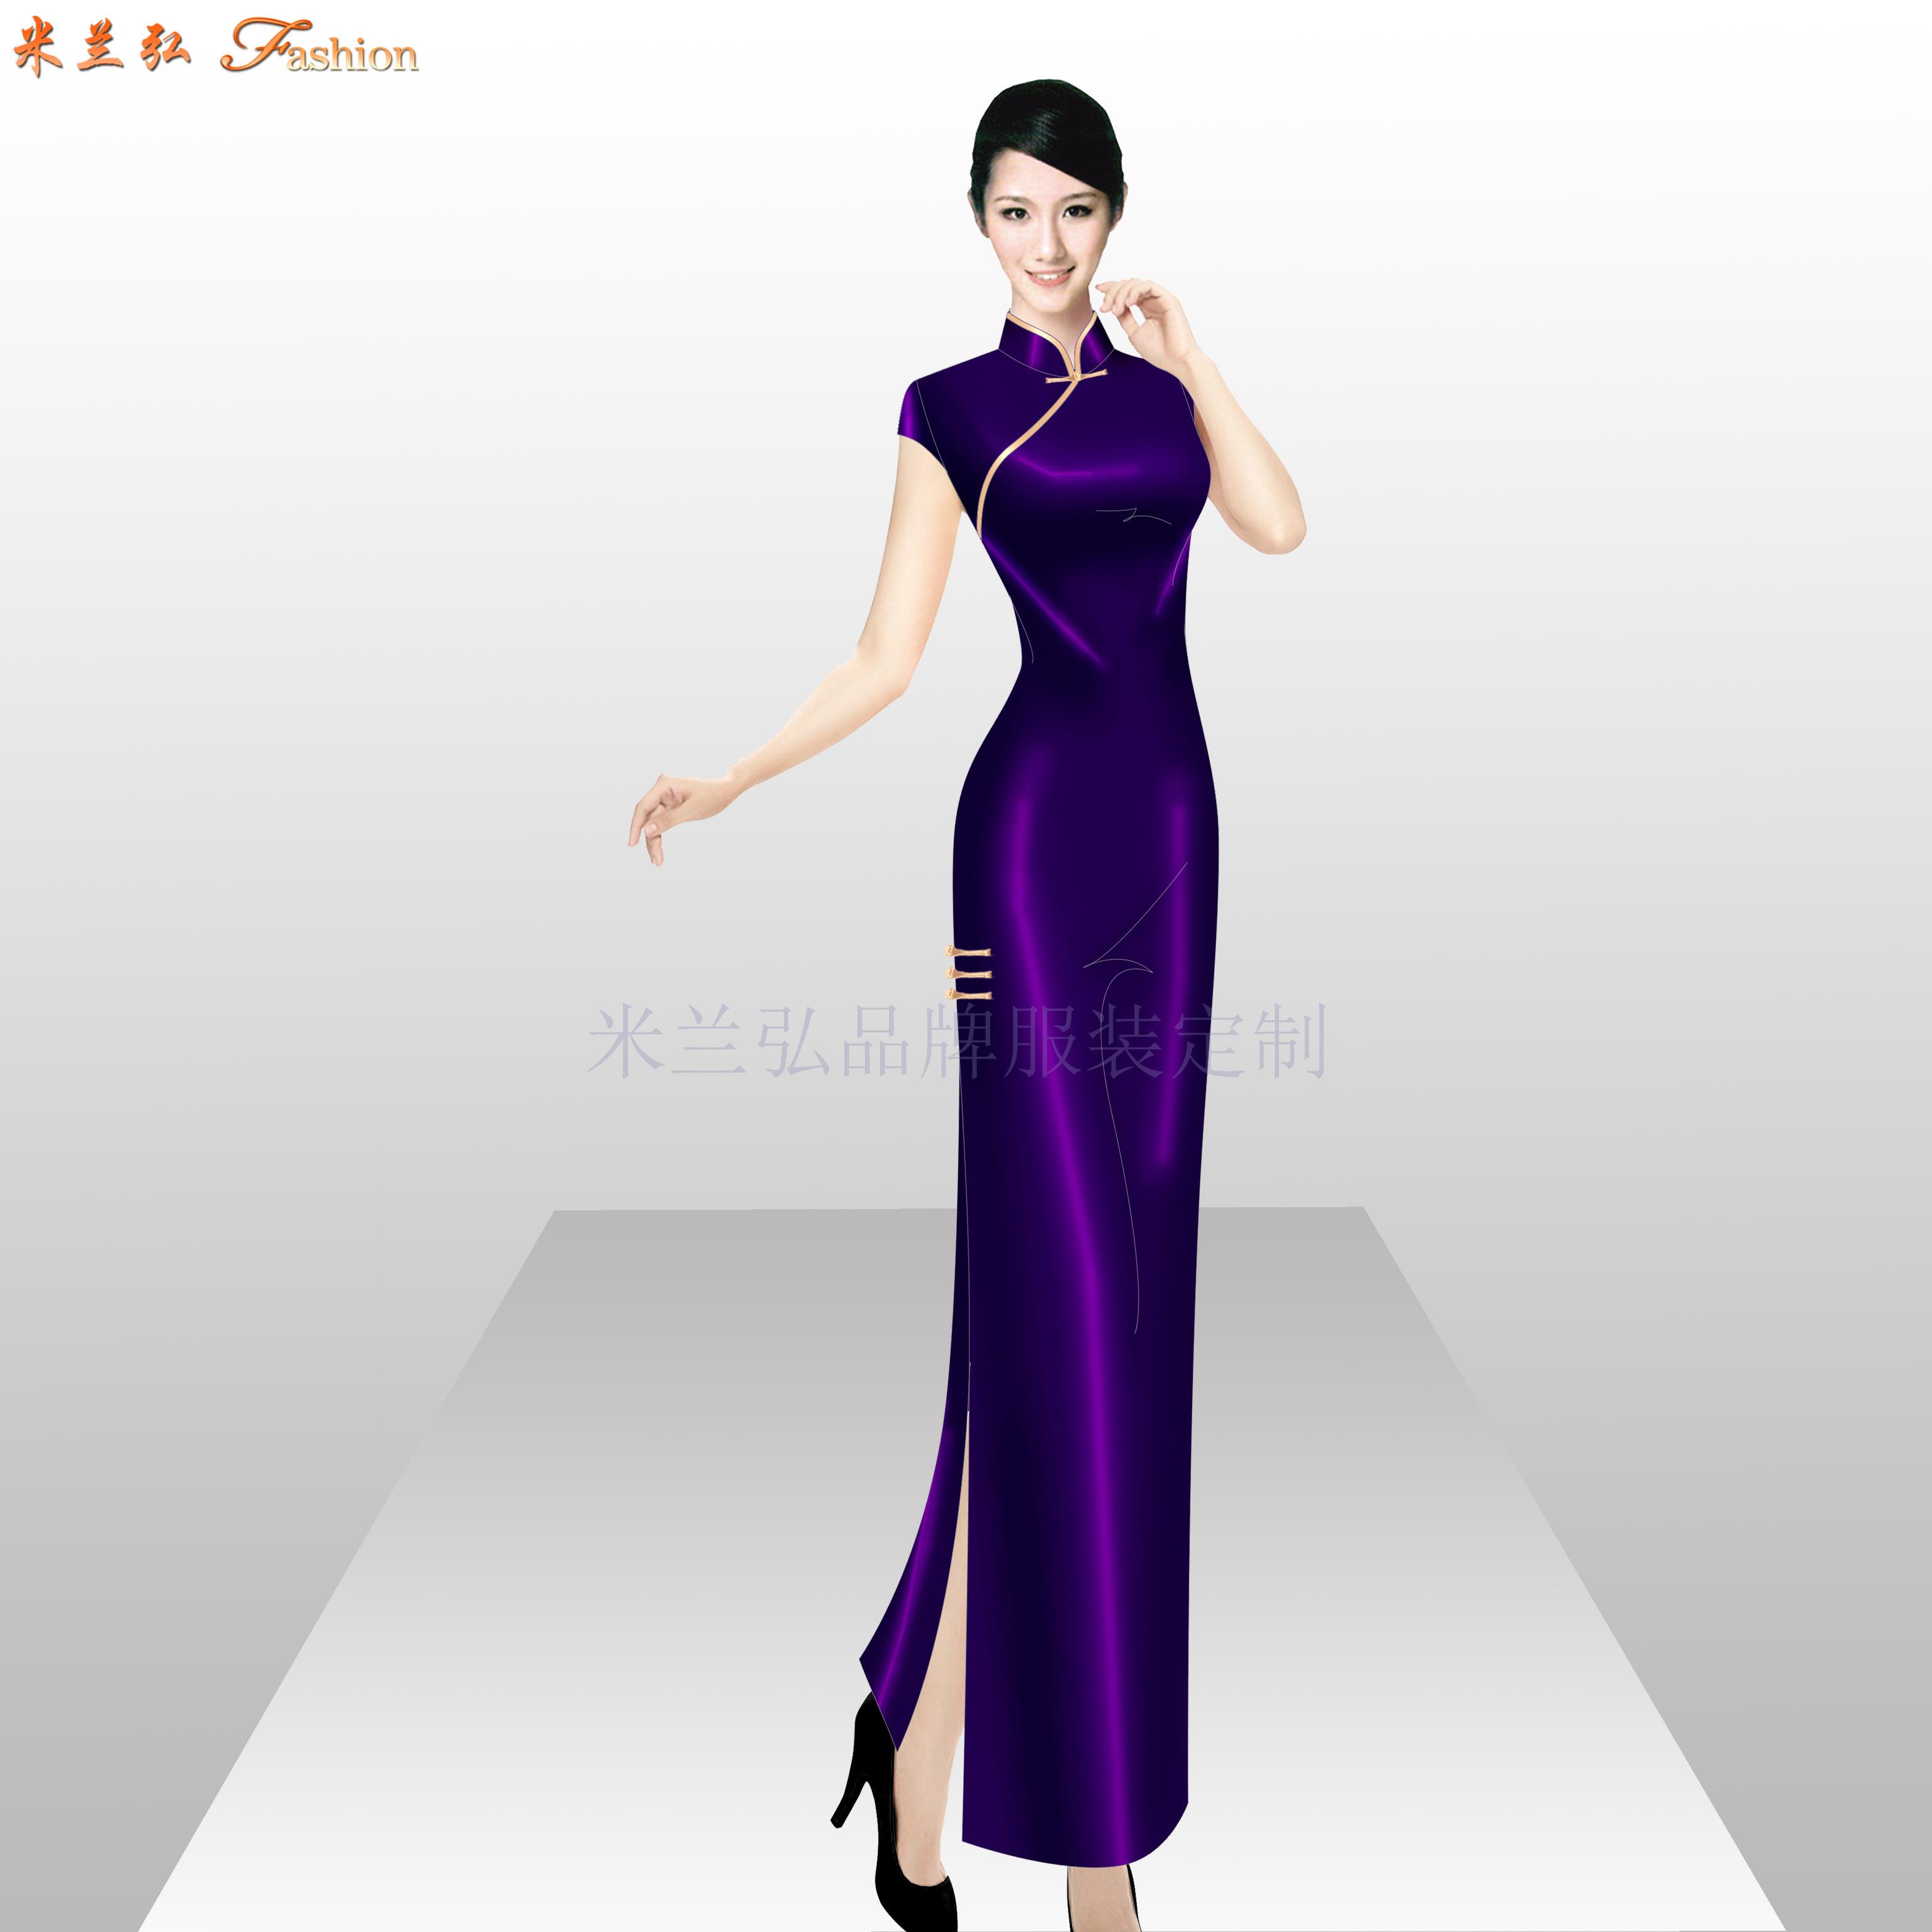 「商洛旗袍定制」陜西量身定制旗袍款式-米蘭弘服裝-1